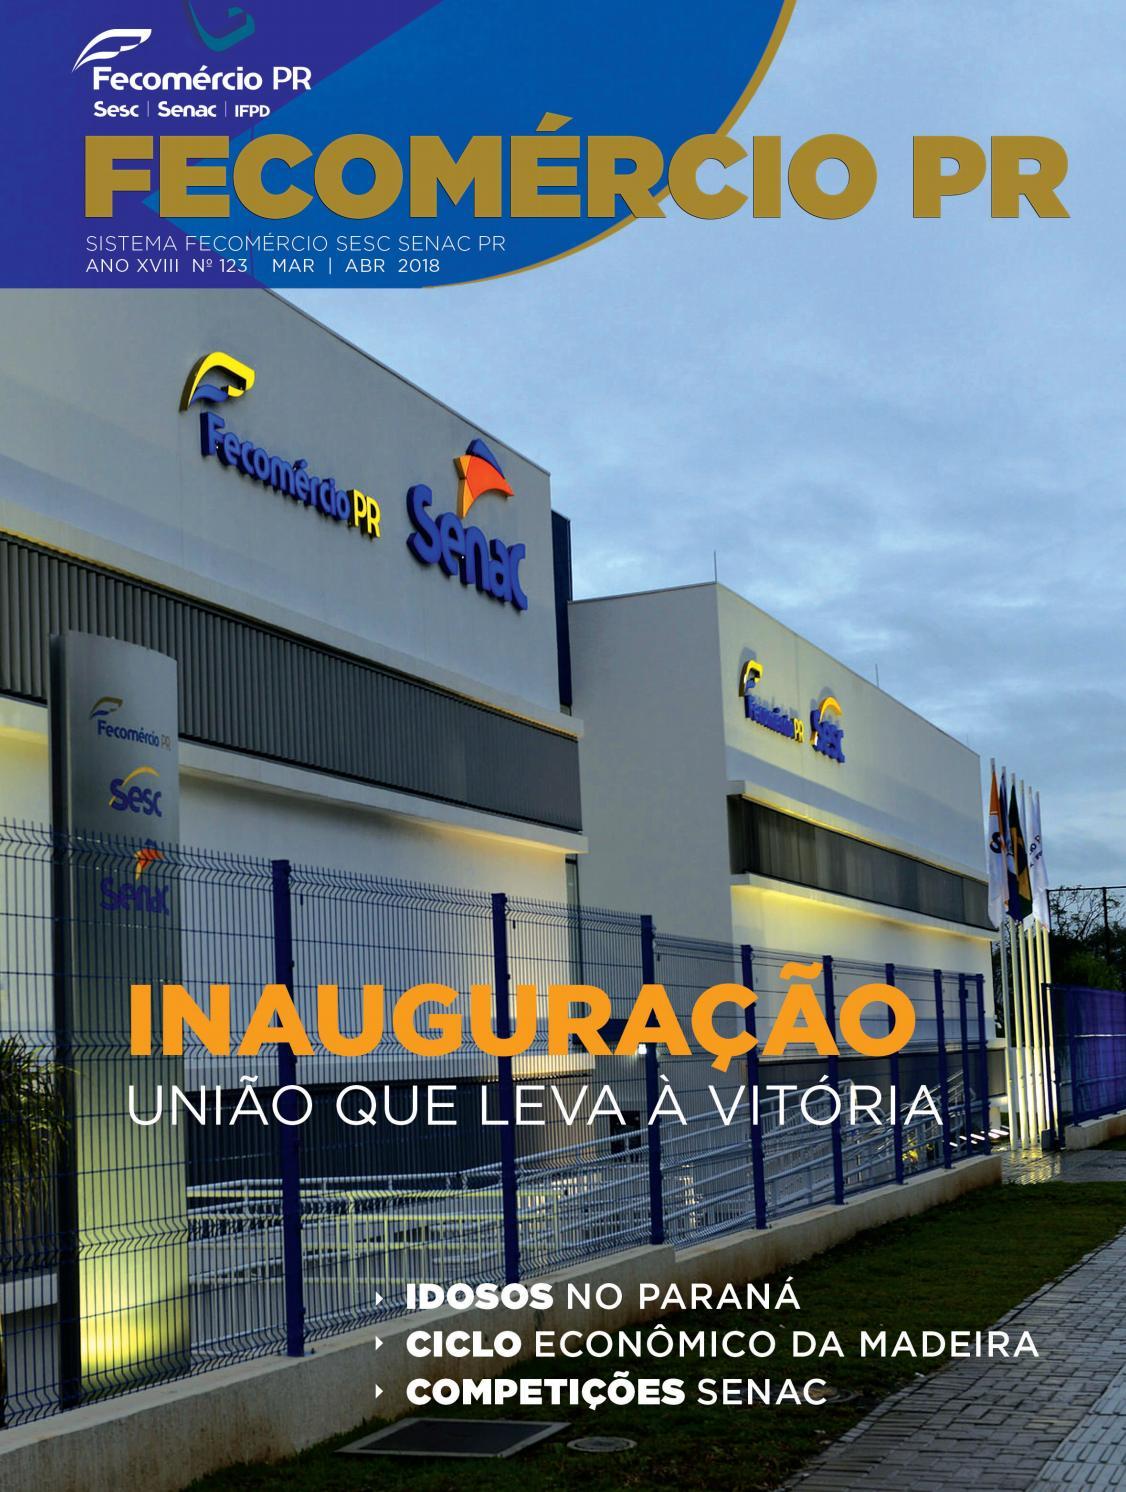 8303b83e3 Revista Fecomércio PR - nº 123 by Federação do Comércio de Bens, Serviços e  Turismo do Paraná - issuu